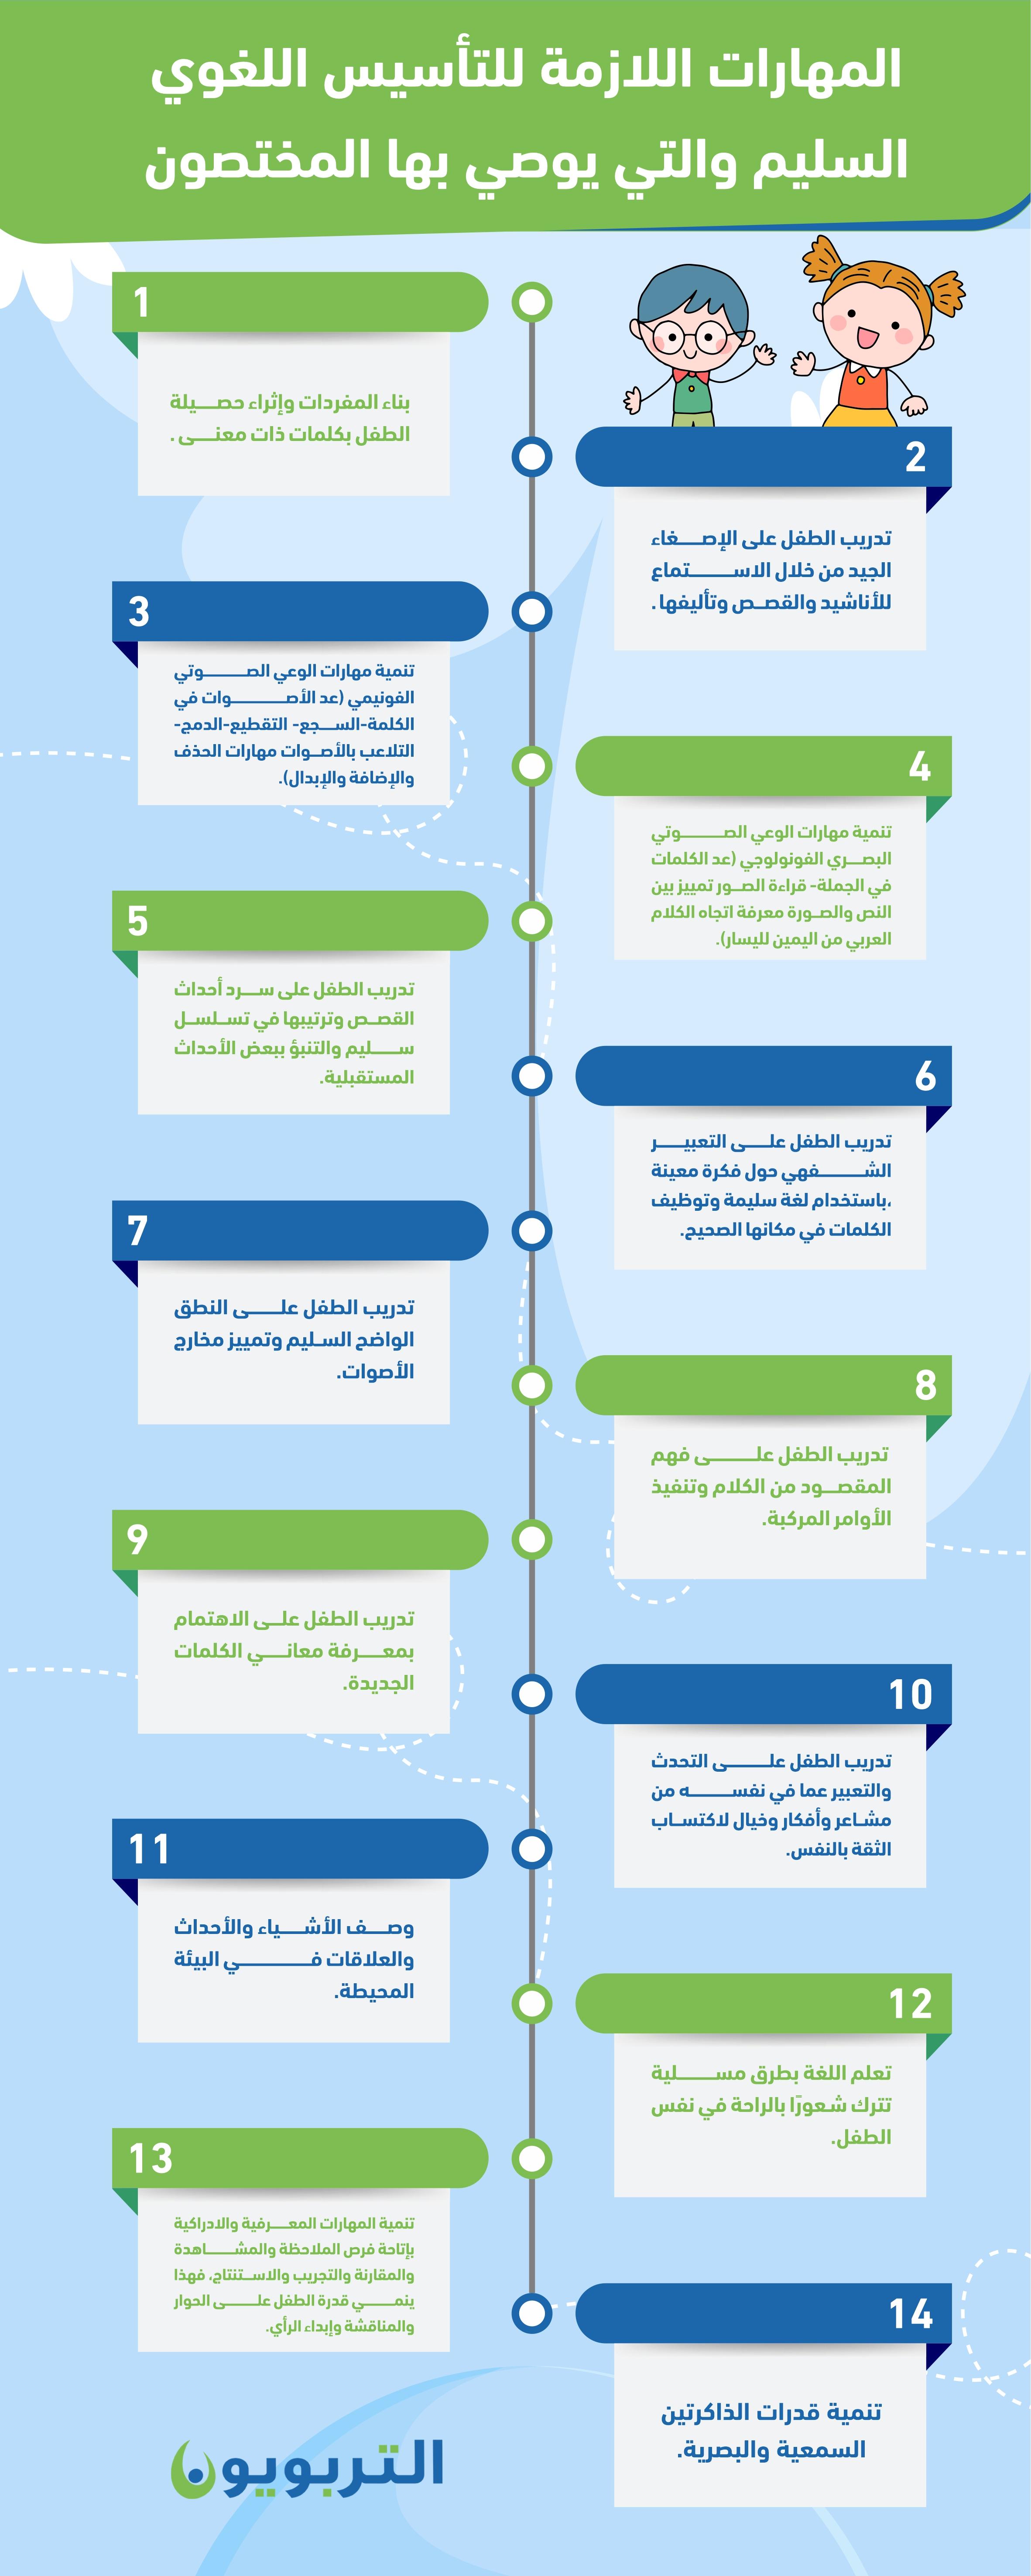 المهارات اللازمة للتأسيس اللغوي السليم